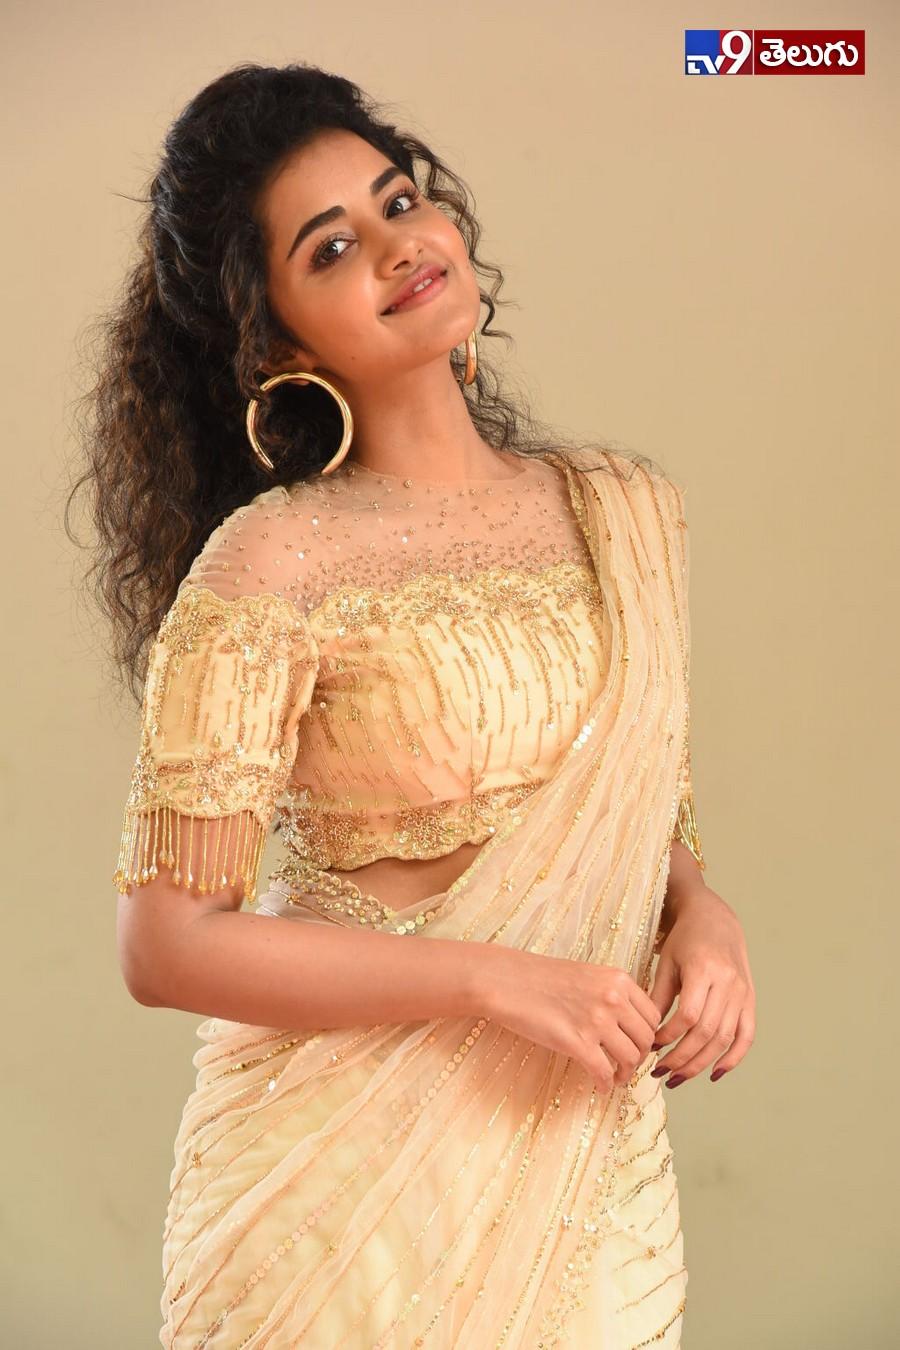 Anupuma Parmeshwaran New Photos, అనుపమ పరమేశ్వరన్ న్యూ ఫొటోస్